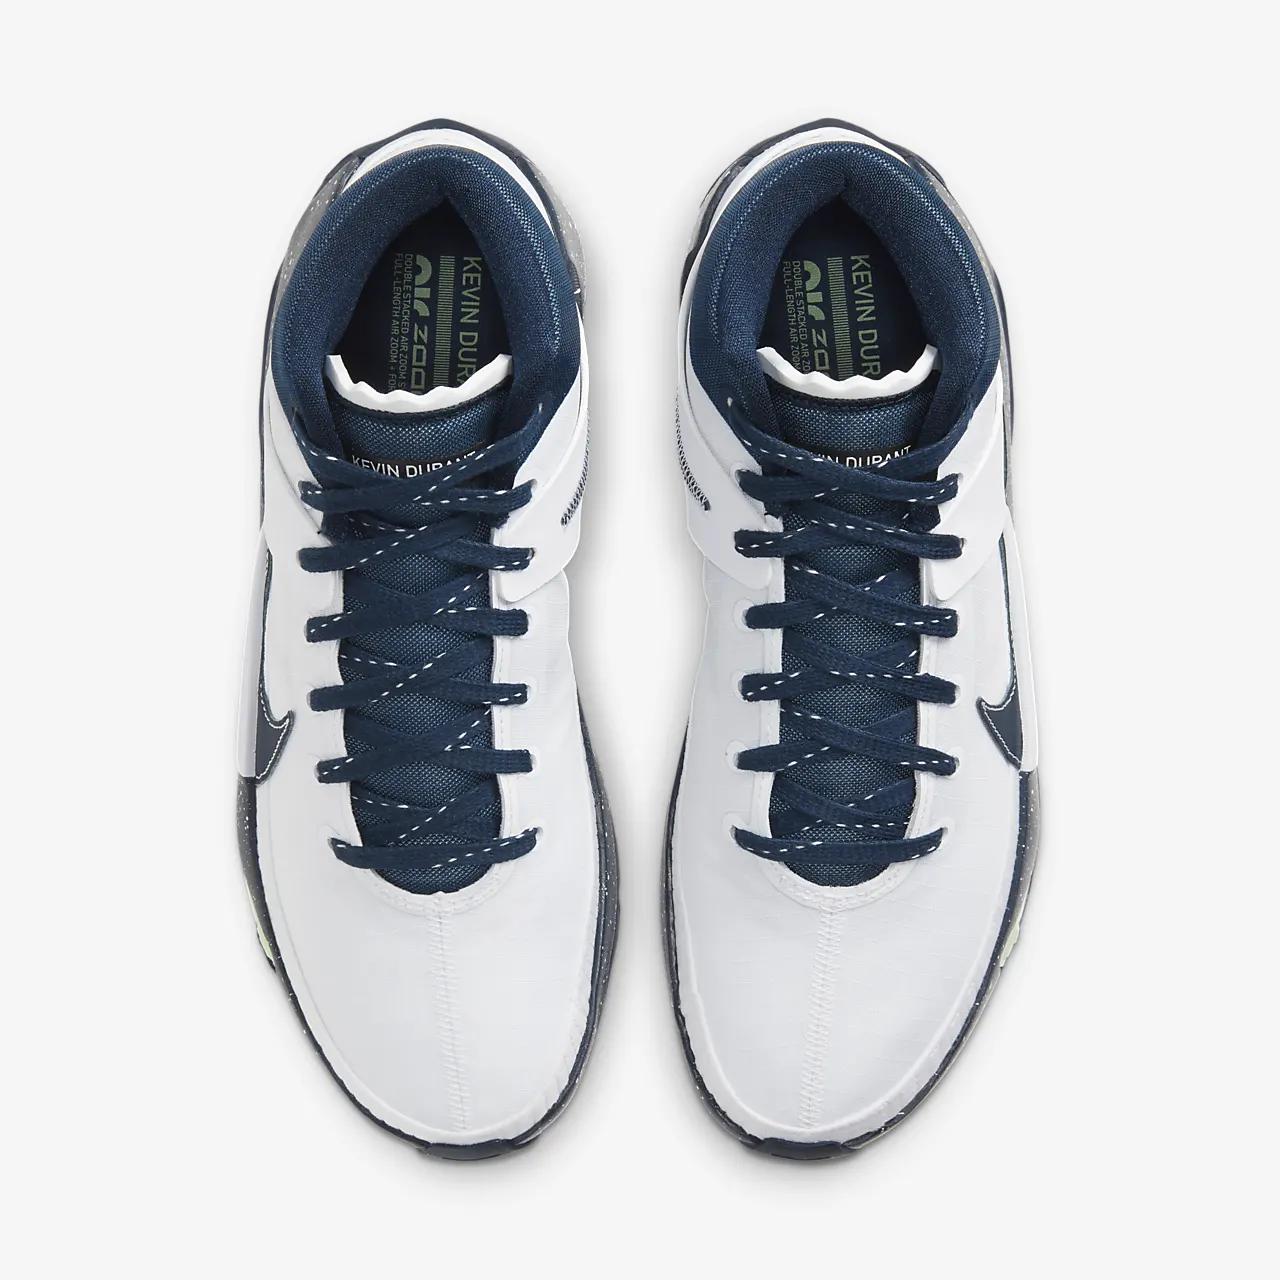 KD13 (Team) Basketball Shoe CK6017-400